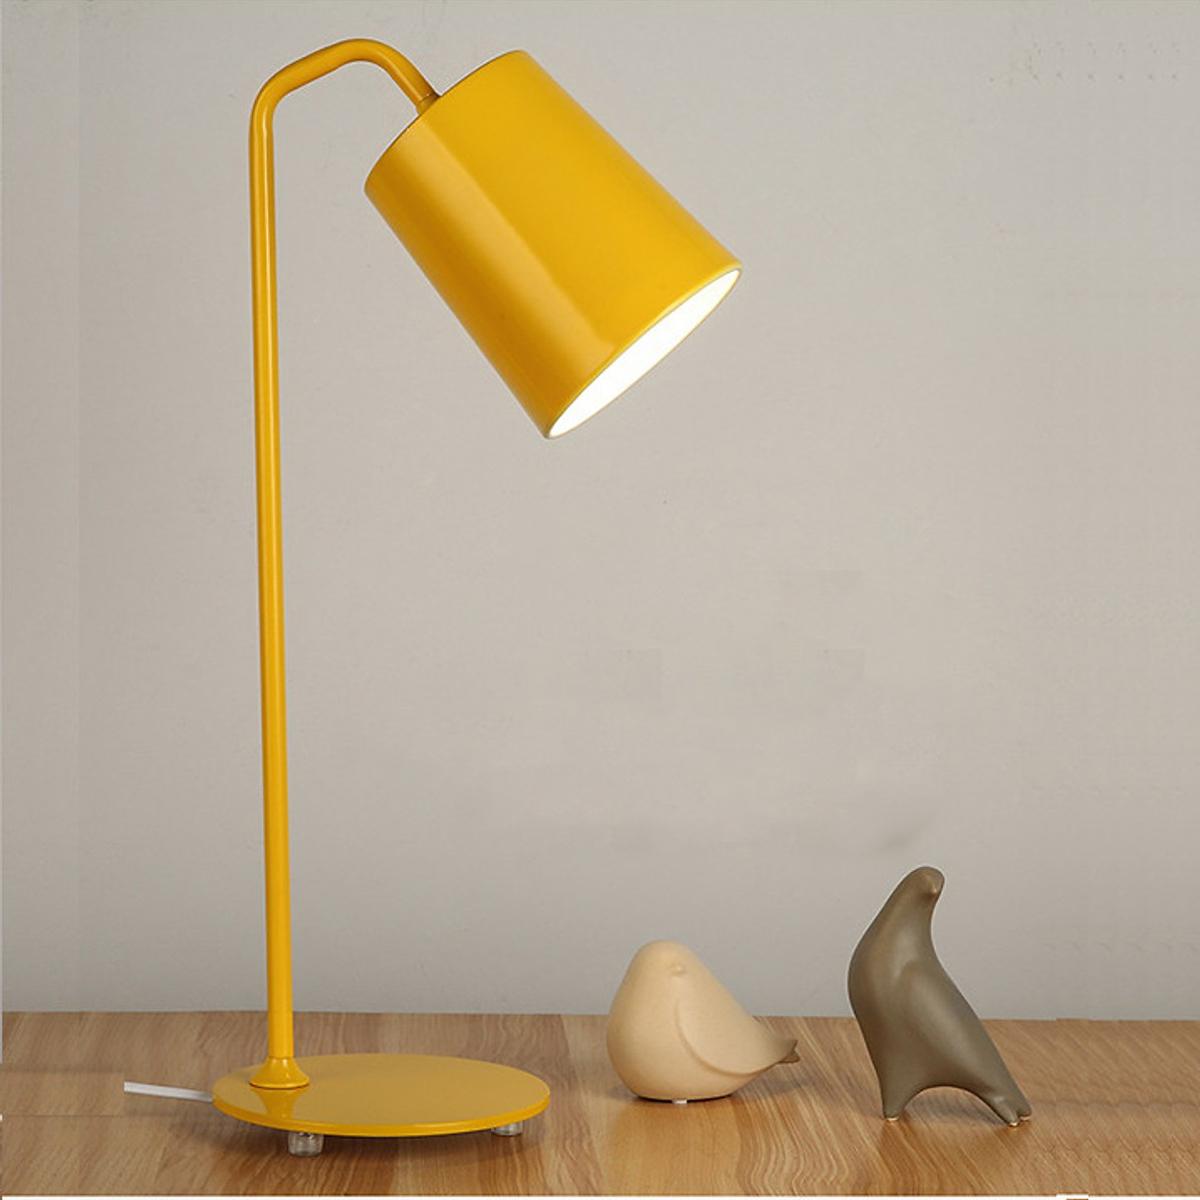 Đèn để bàn VINTAGE FULL BOX DT01 kèm bóng LED chống lóa cận